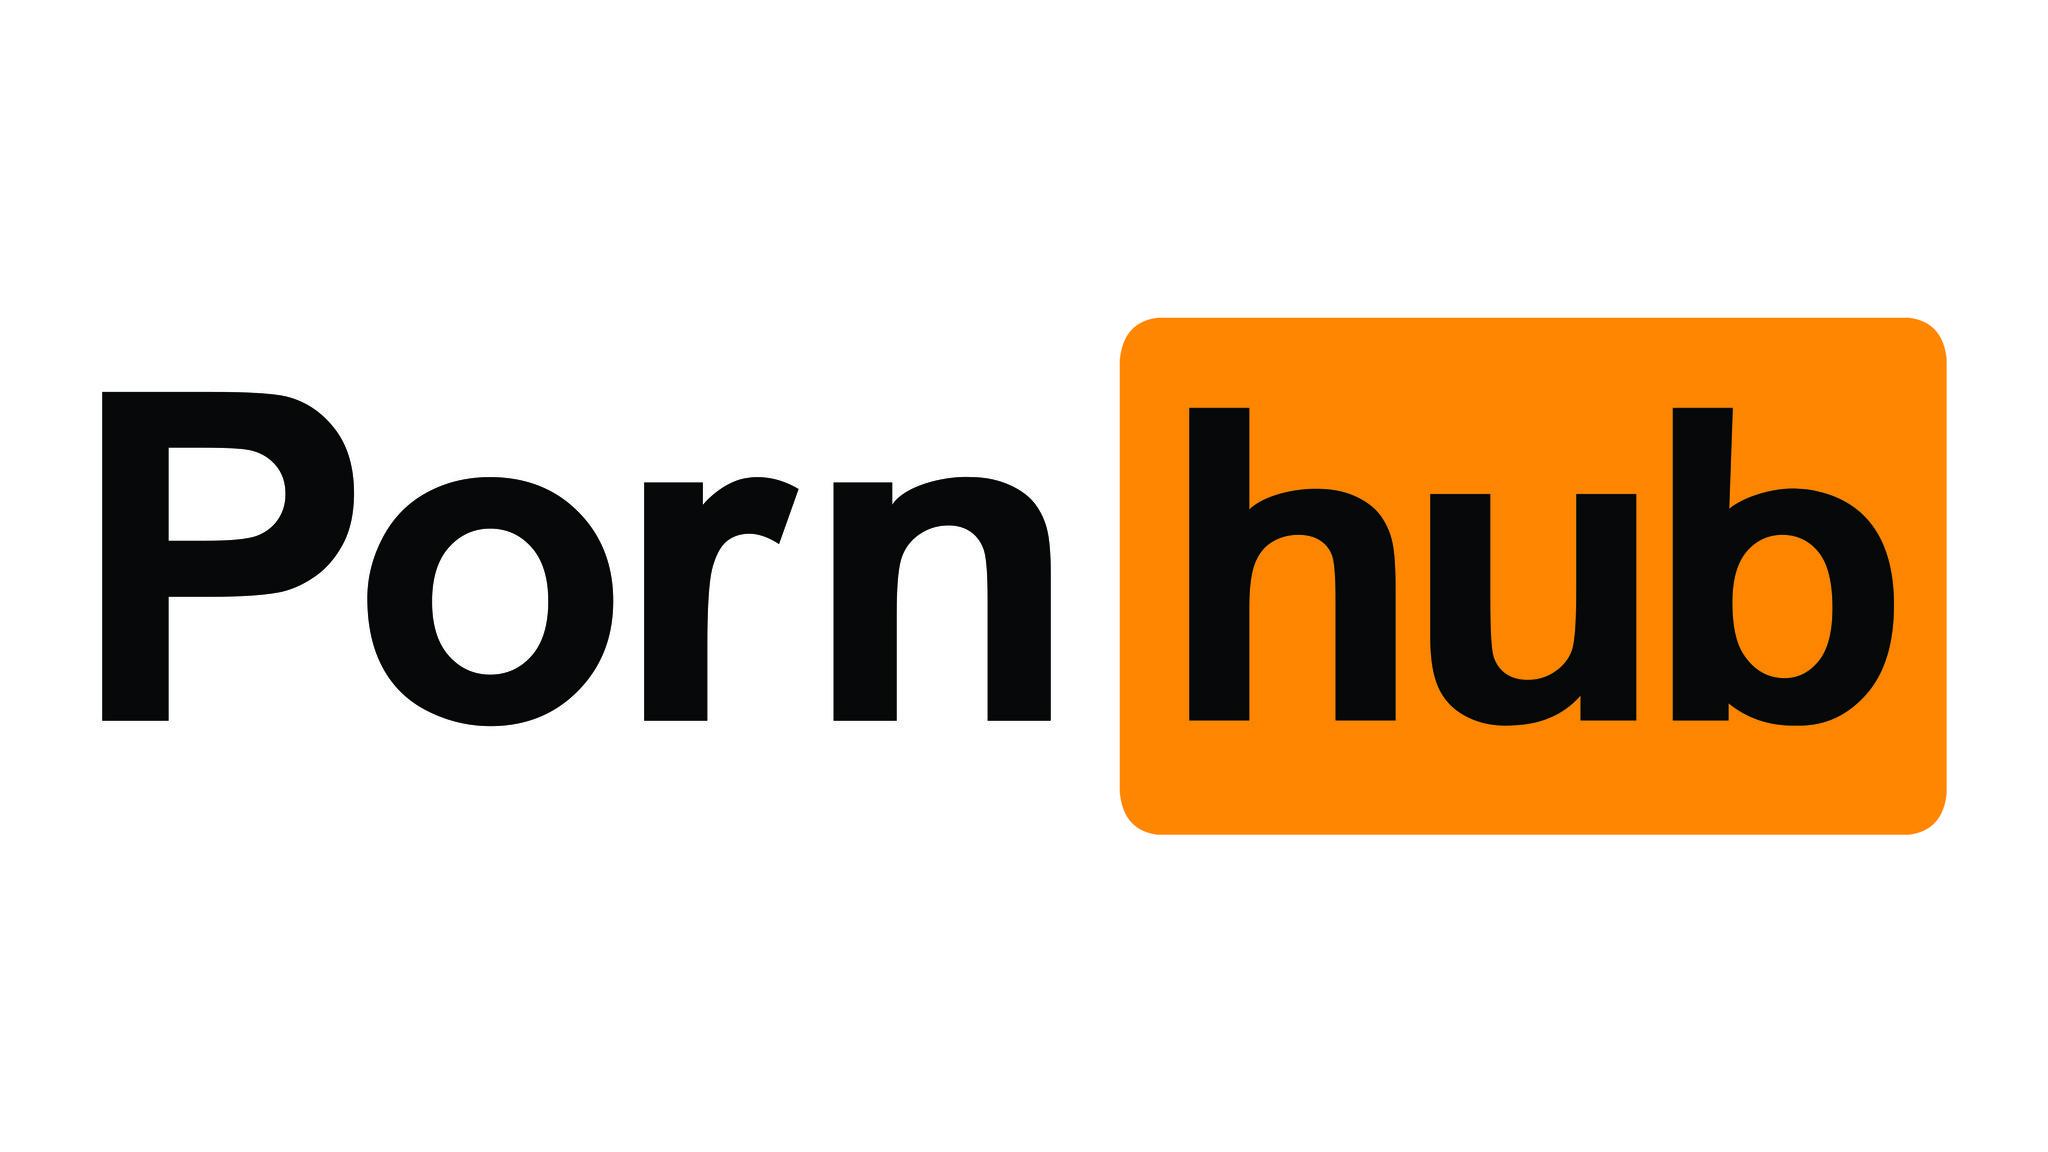 la rpornhub voluptueuse anal sexe